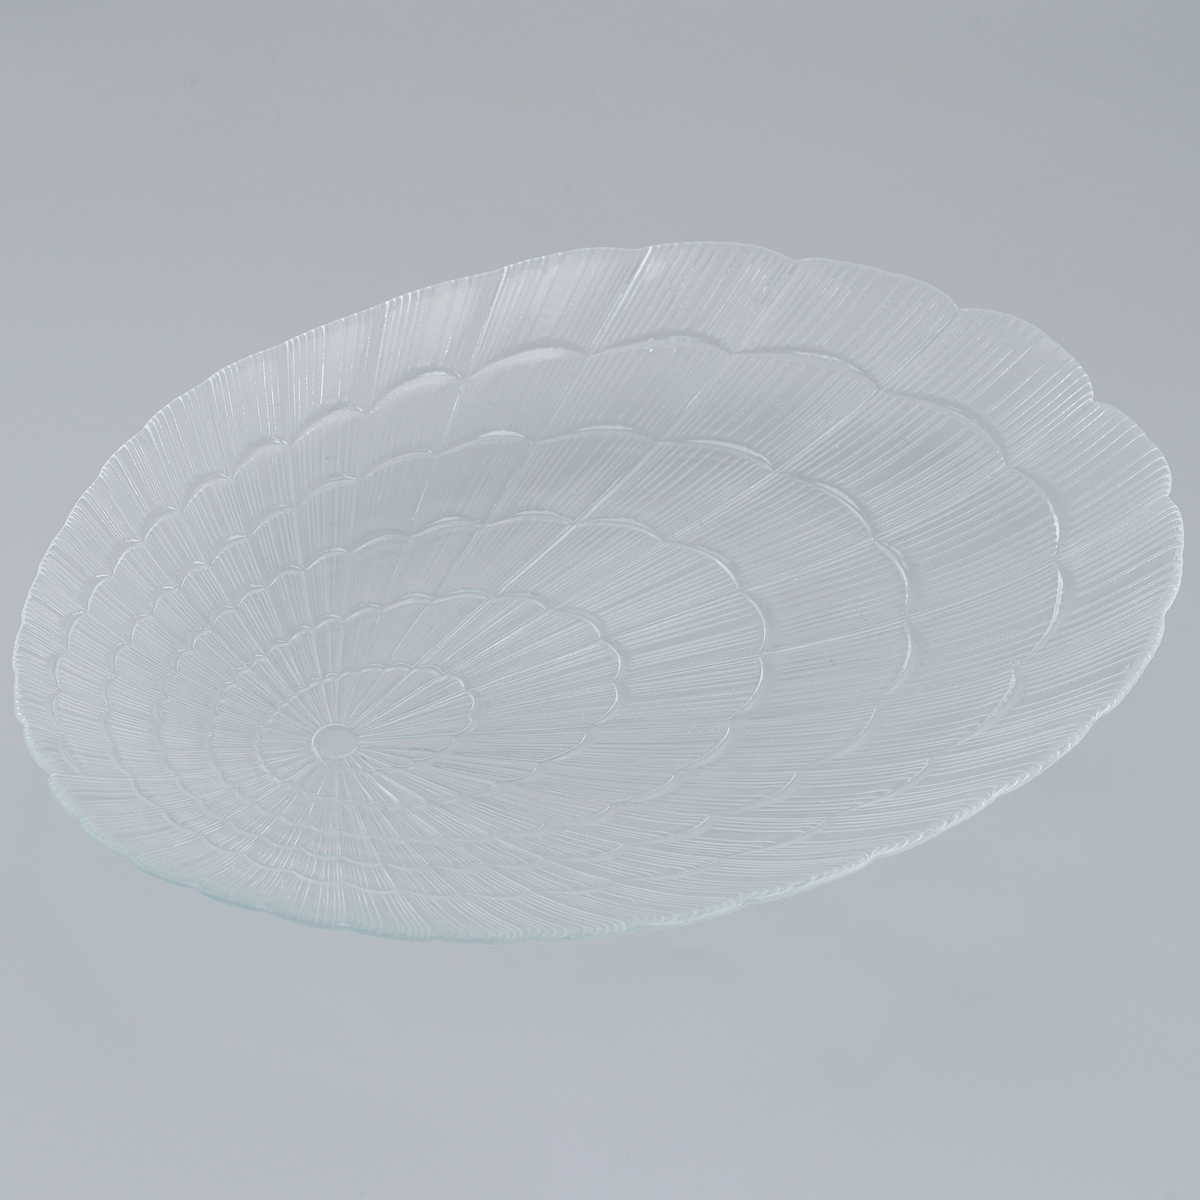 Тарелка Pasabahce Atlantis, овальная, 32 см х 23,5 смJ3739Овальная тарелка Pasabahce Atlantis, выполненная из закаленного стекла, декорирована рифленым узором. Она сочетают в себе изысканный дизайн с максимальной функциональностью. Оригинальность оформления тарелки придется по вкусу и ценителям классики, и тем, кто предпочитает утонченность и изящность. Тарелка Pasabahce Atlantis предназначена для красивой сервировки различных блюд. Можно использовать в морозильной камере и микроволновой печи. Можно мыть в посудомоечной машине. Размер тарелки: 32 см х 23,5 см. Высота стенок: 2 см.